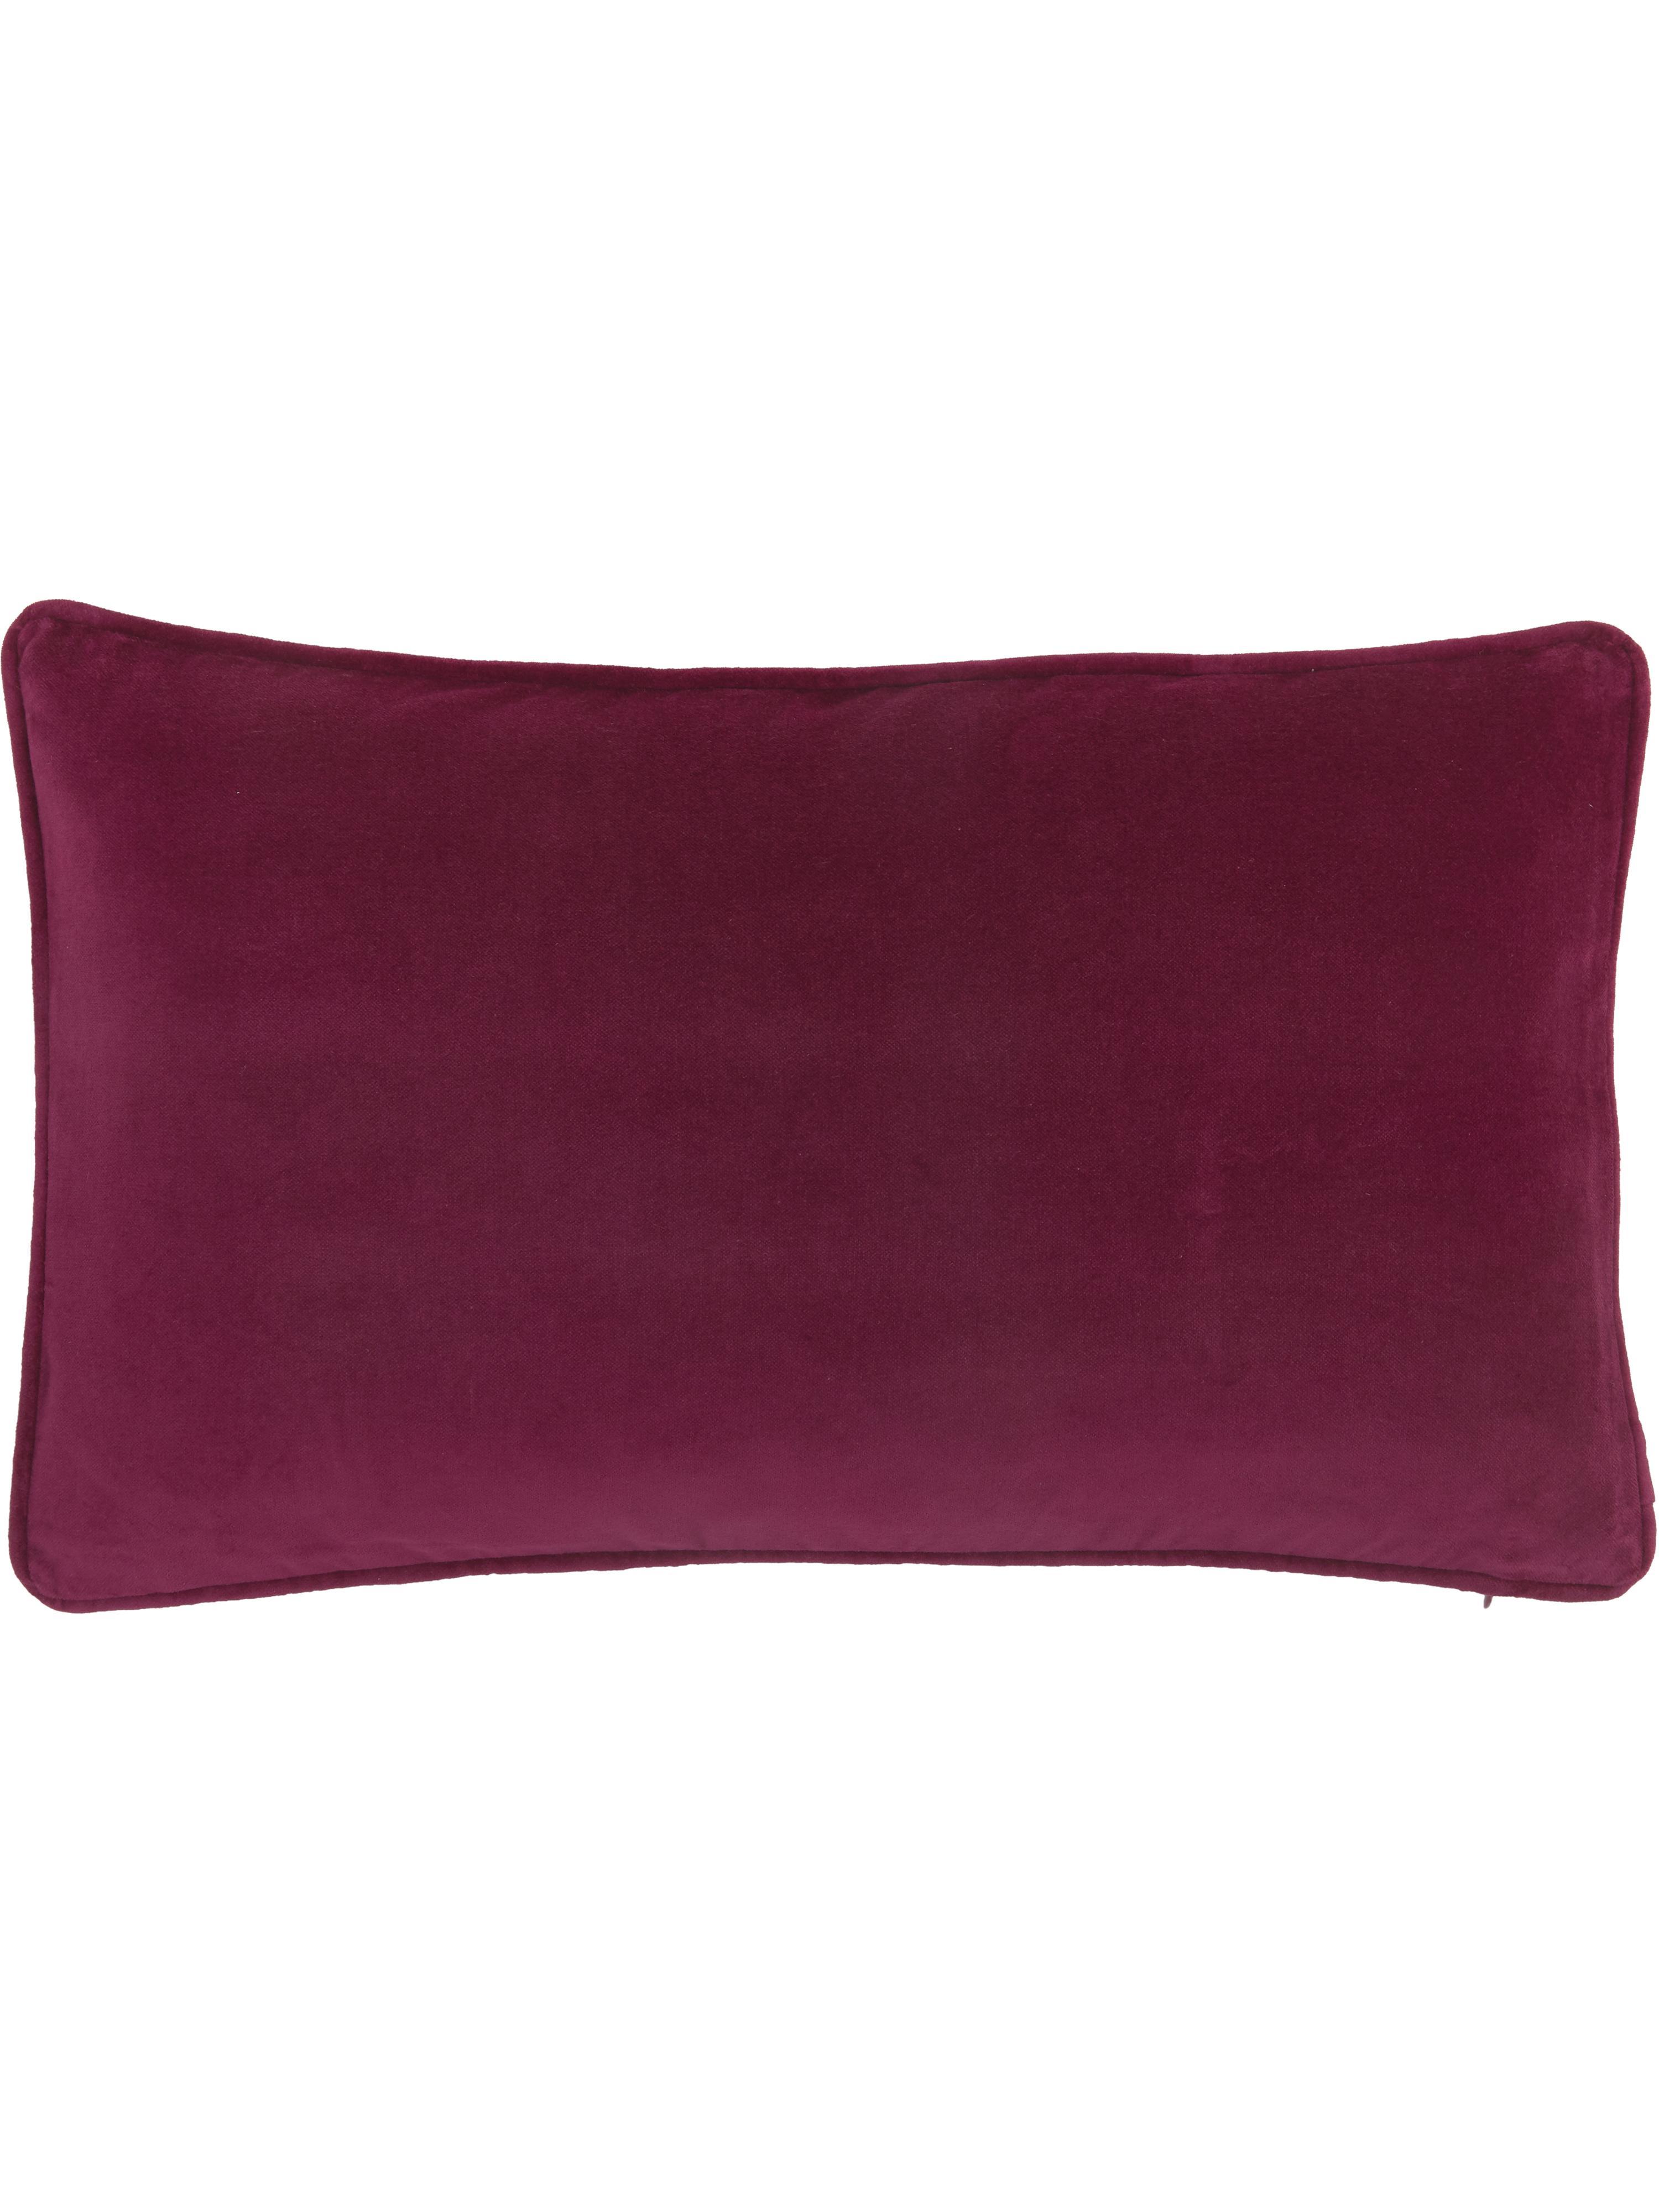 Funda de cojín de terciopelo Dana, Terciopelo de algodón, Color vino, An 30 x L 50 cm